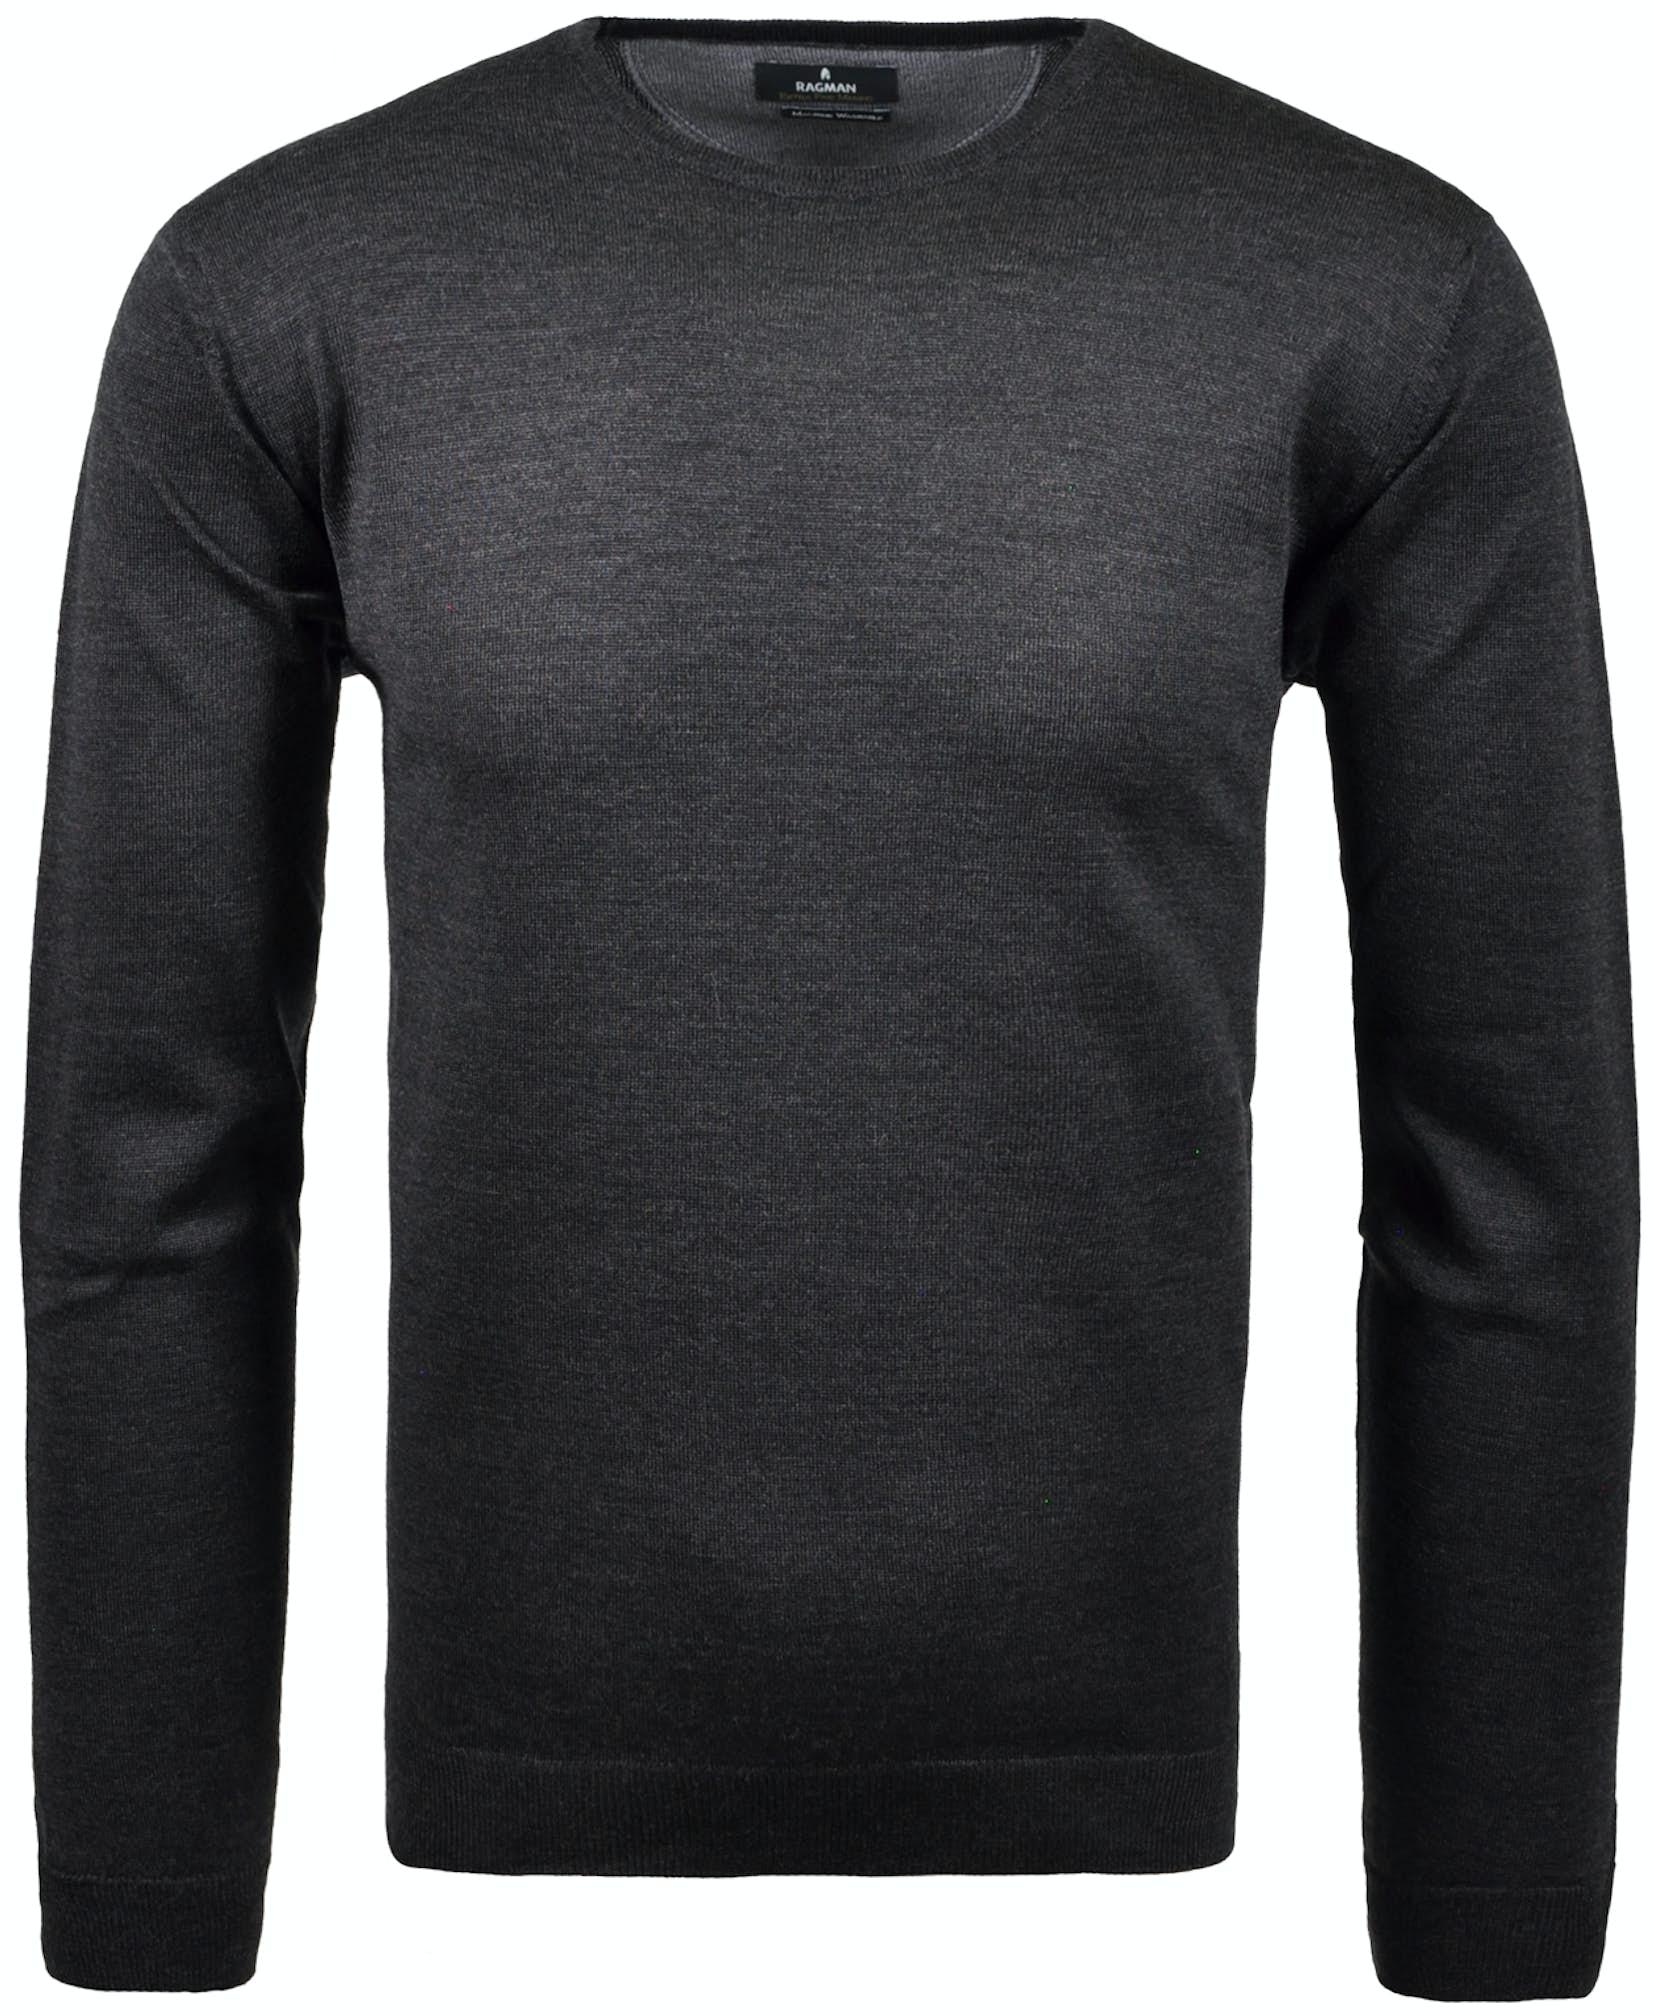 RAGMAN Rundhals-Pullover Merino